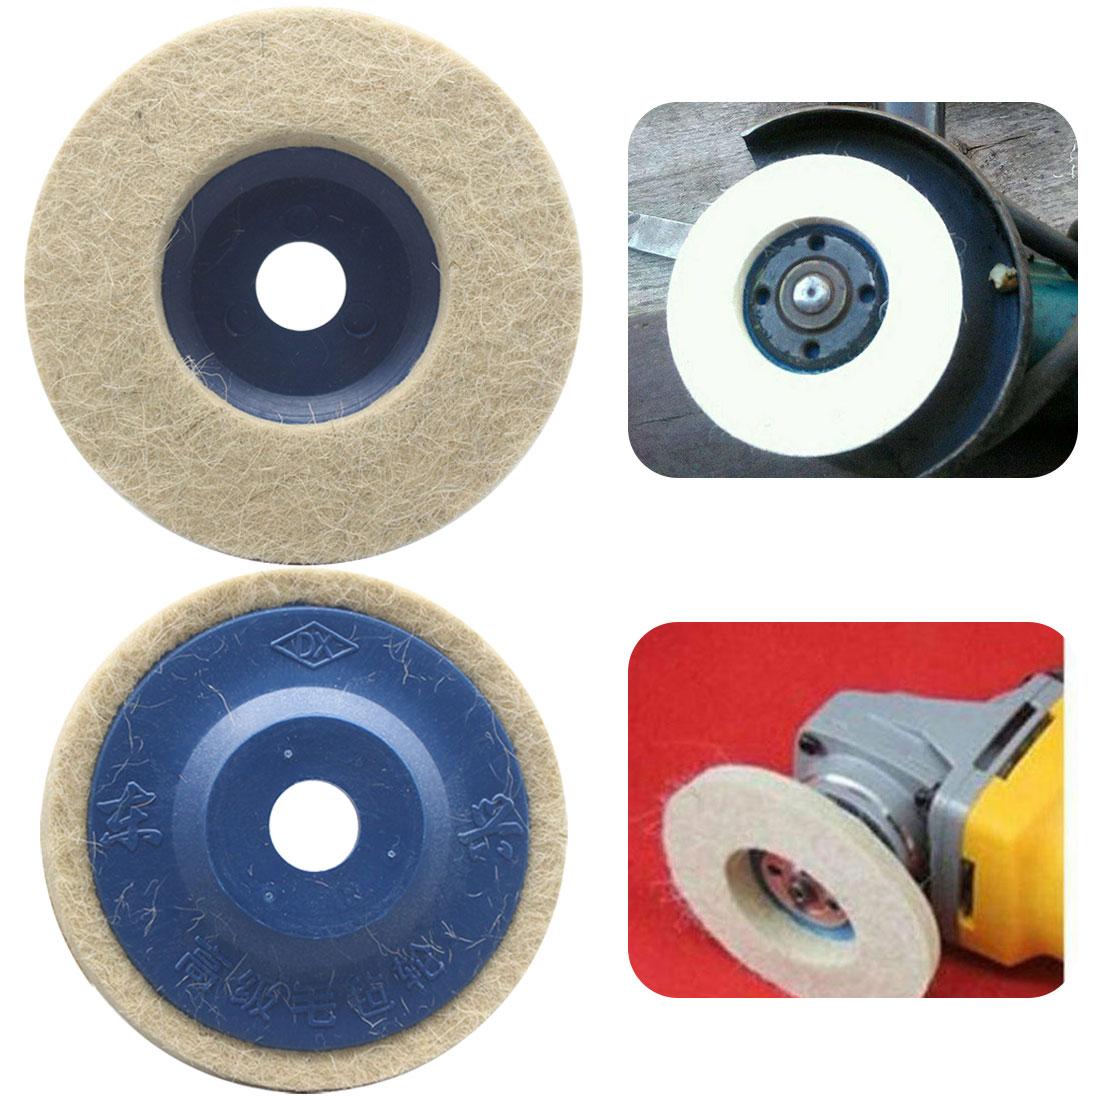 Фото - Войлочный полировальный диск 3000 rmp 100 мм шерстяной Полировочный диск полировочные колодки угловая шлифовальная машина Полировочный диск диск полировальный войлочный 150 7мм matrix 75930